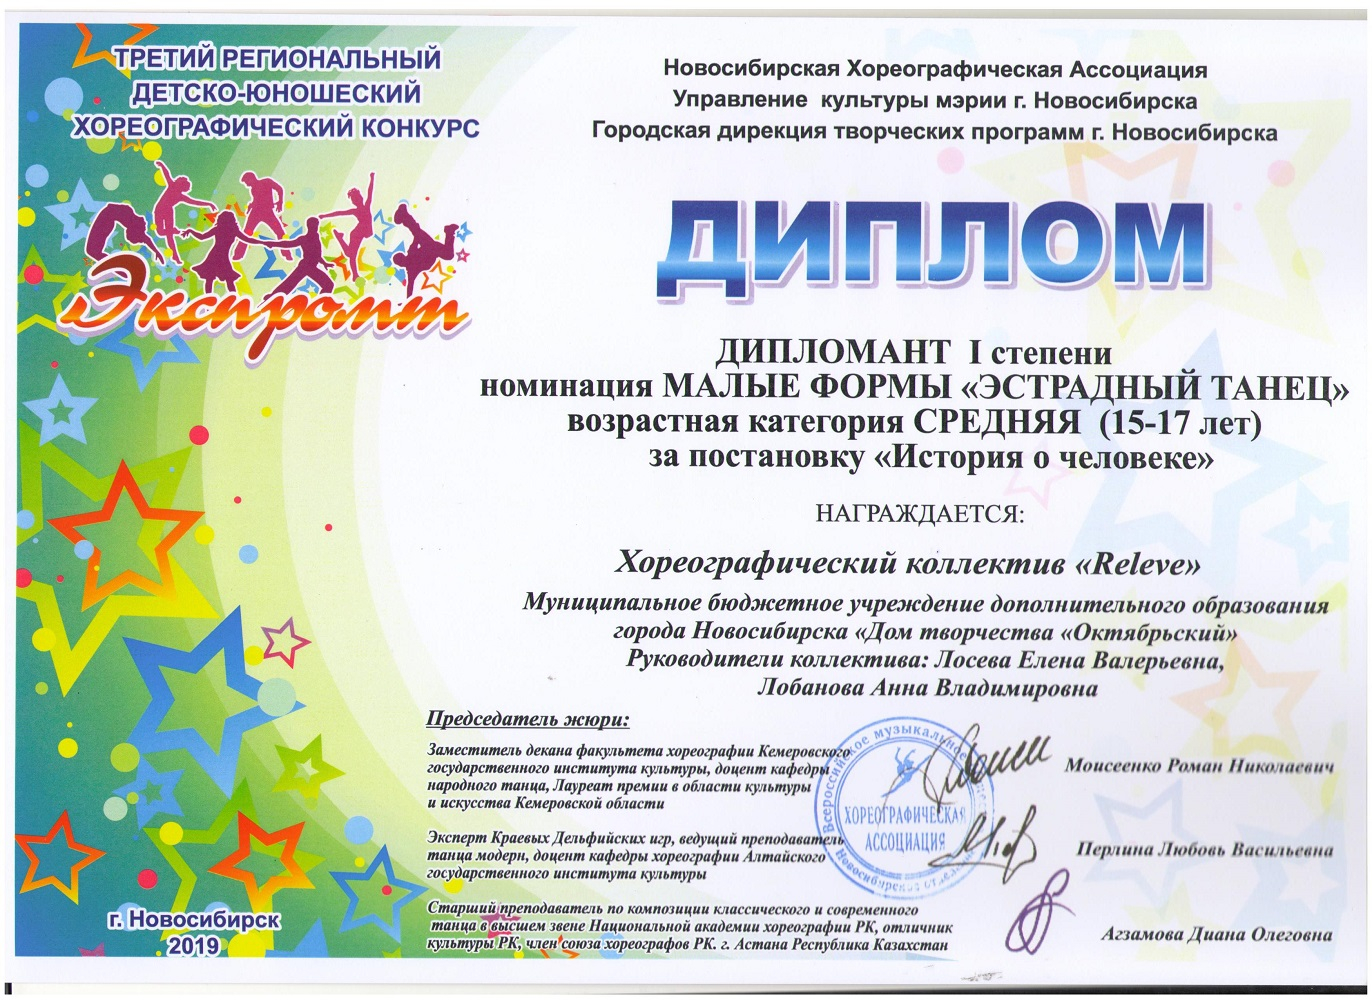 История-о-человеке_Дипломант-3-001